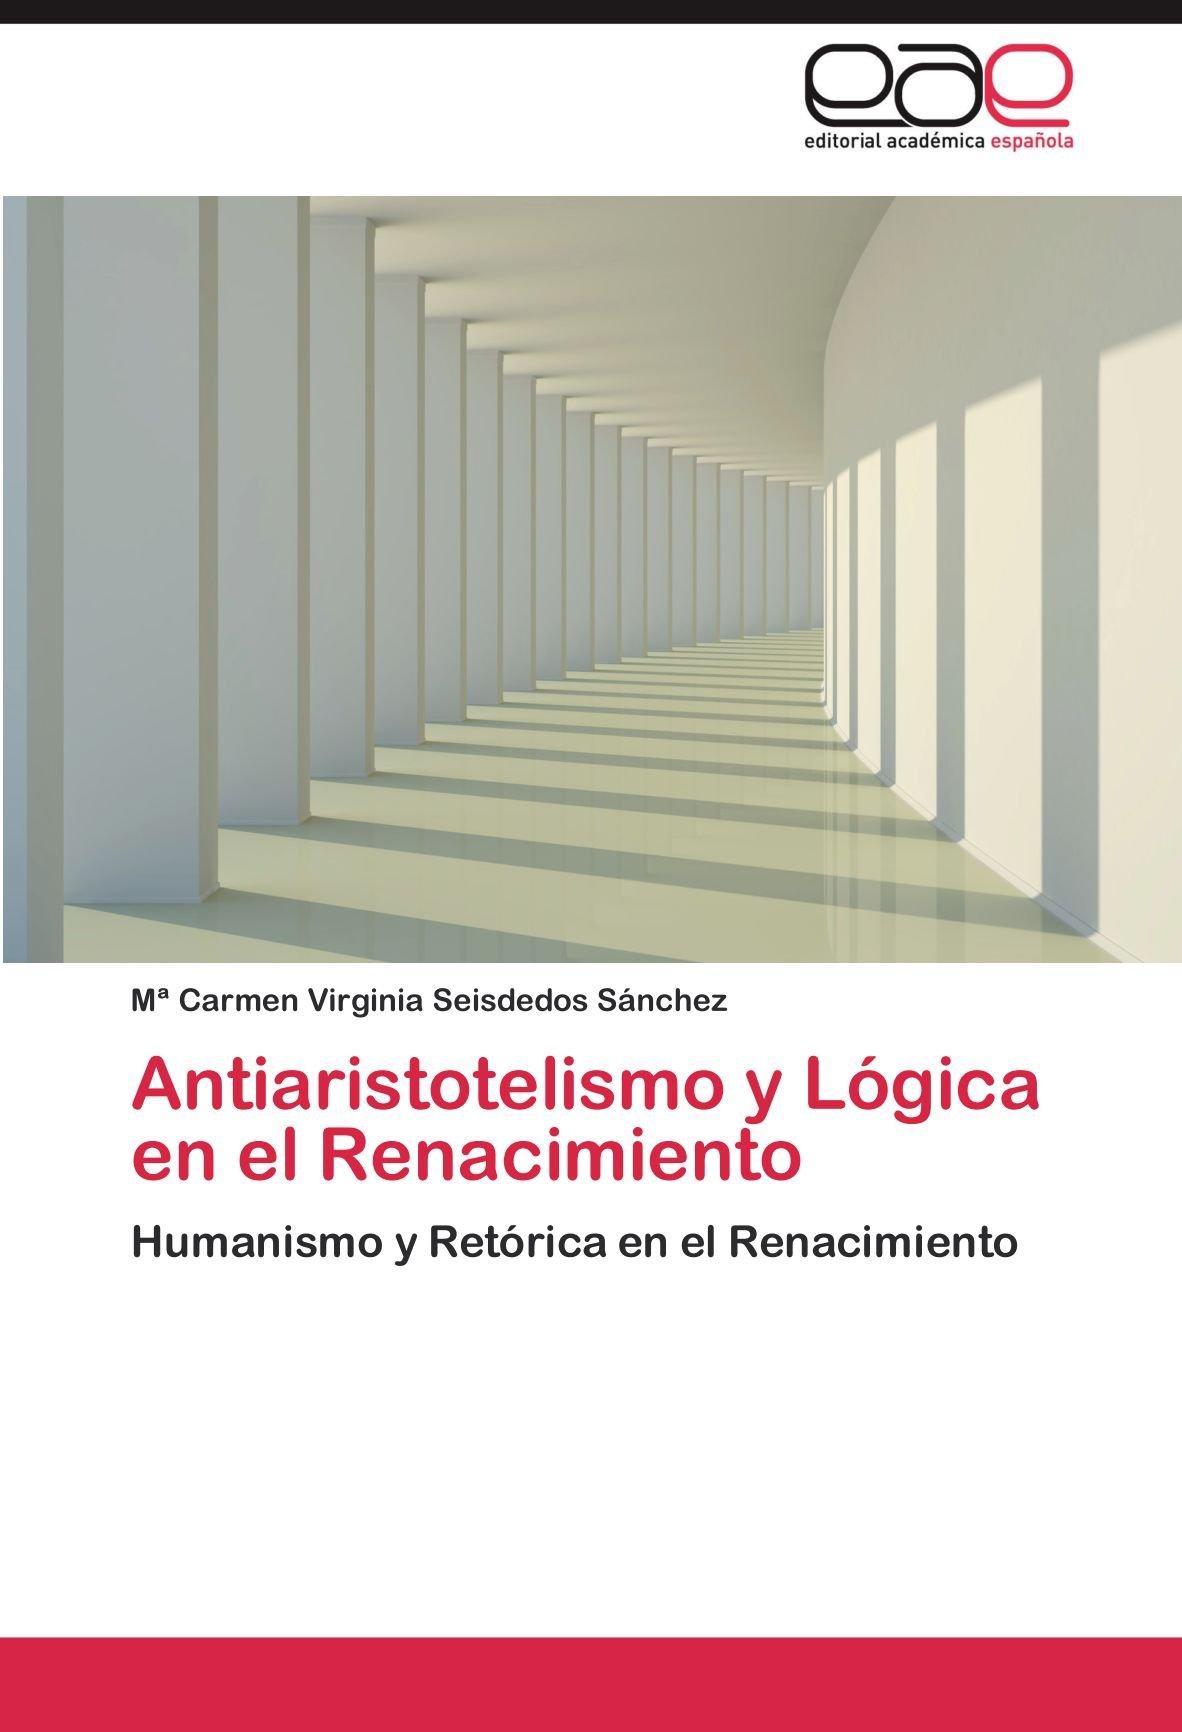 Antiaristotelismo y Lógica en el Renacimiento: Humanismo y Retórica en el Renacimiento: Amazon.es: Seisdedos Sánchez, María Carmen Virginia: Libros